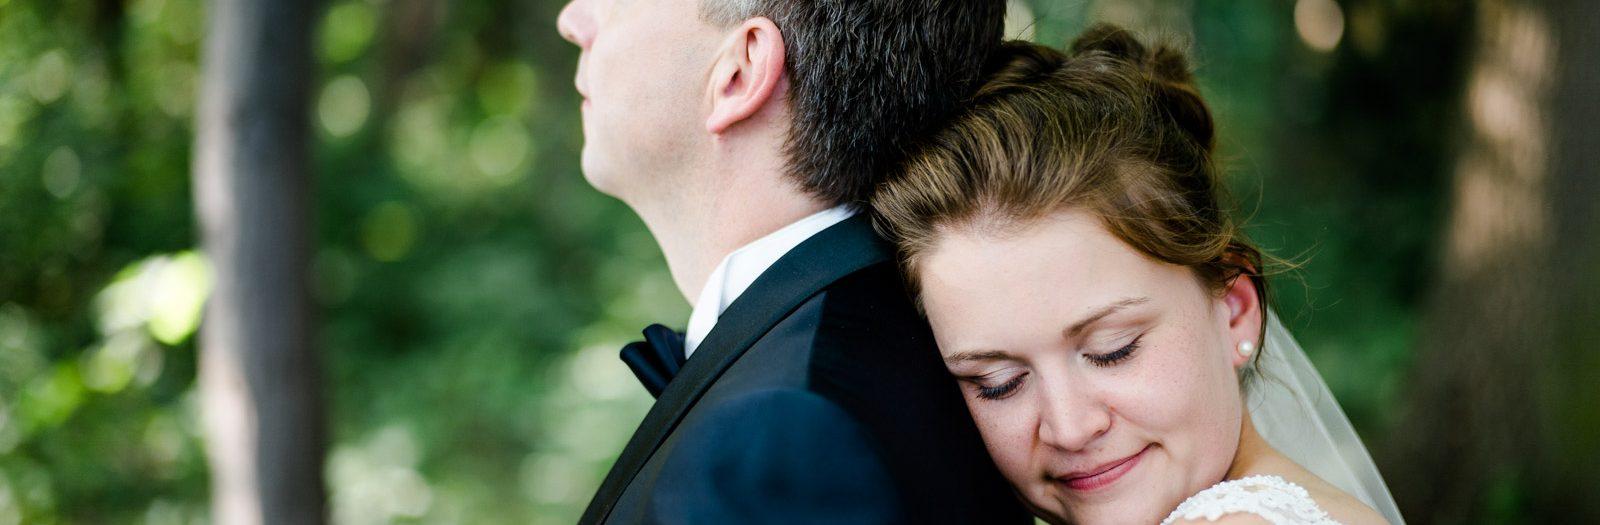 Sommerliche Hochzeitsreportage auf Schloss Reichstädt